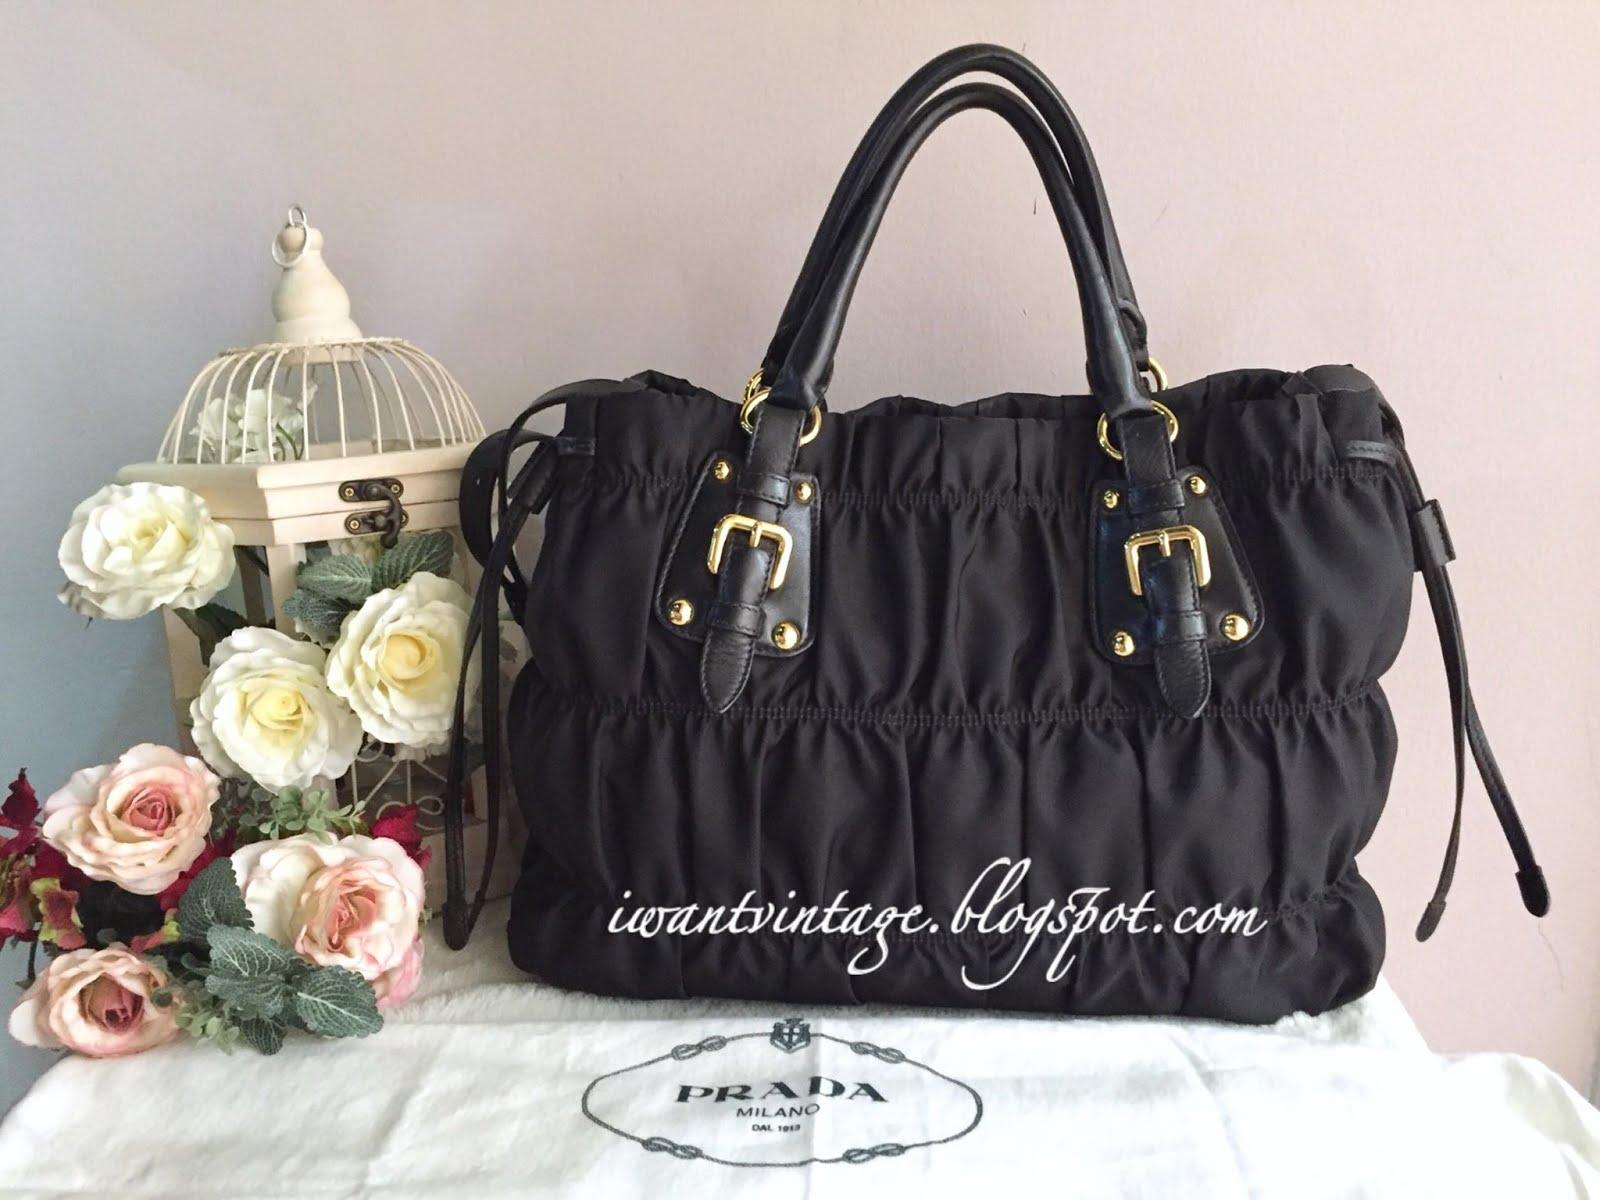 8a517a533845 ... closeout prada bn1788 gaufre tessuto nylon bag black aacfc 1c9f8